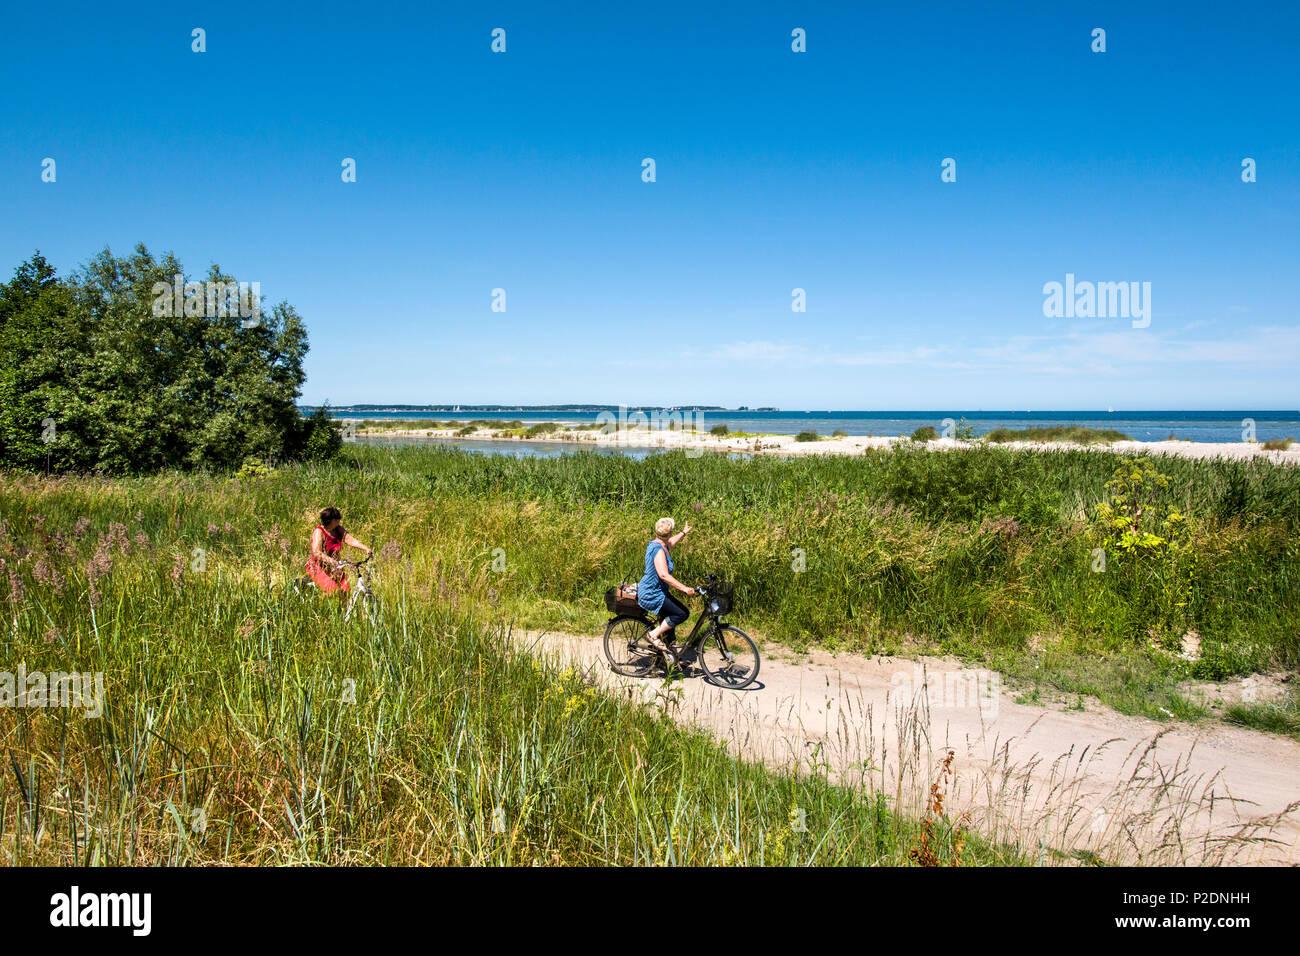 Piste cyclable le long du fjord de Kiel, côte de la mer Baltique, Schleswig-Holstein, Allemagne Photo Stock